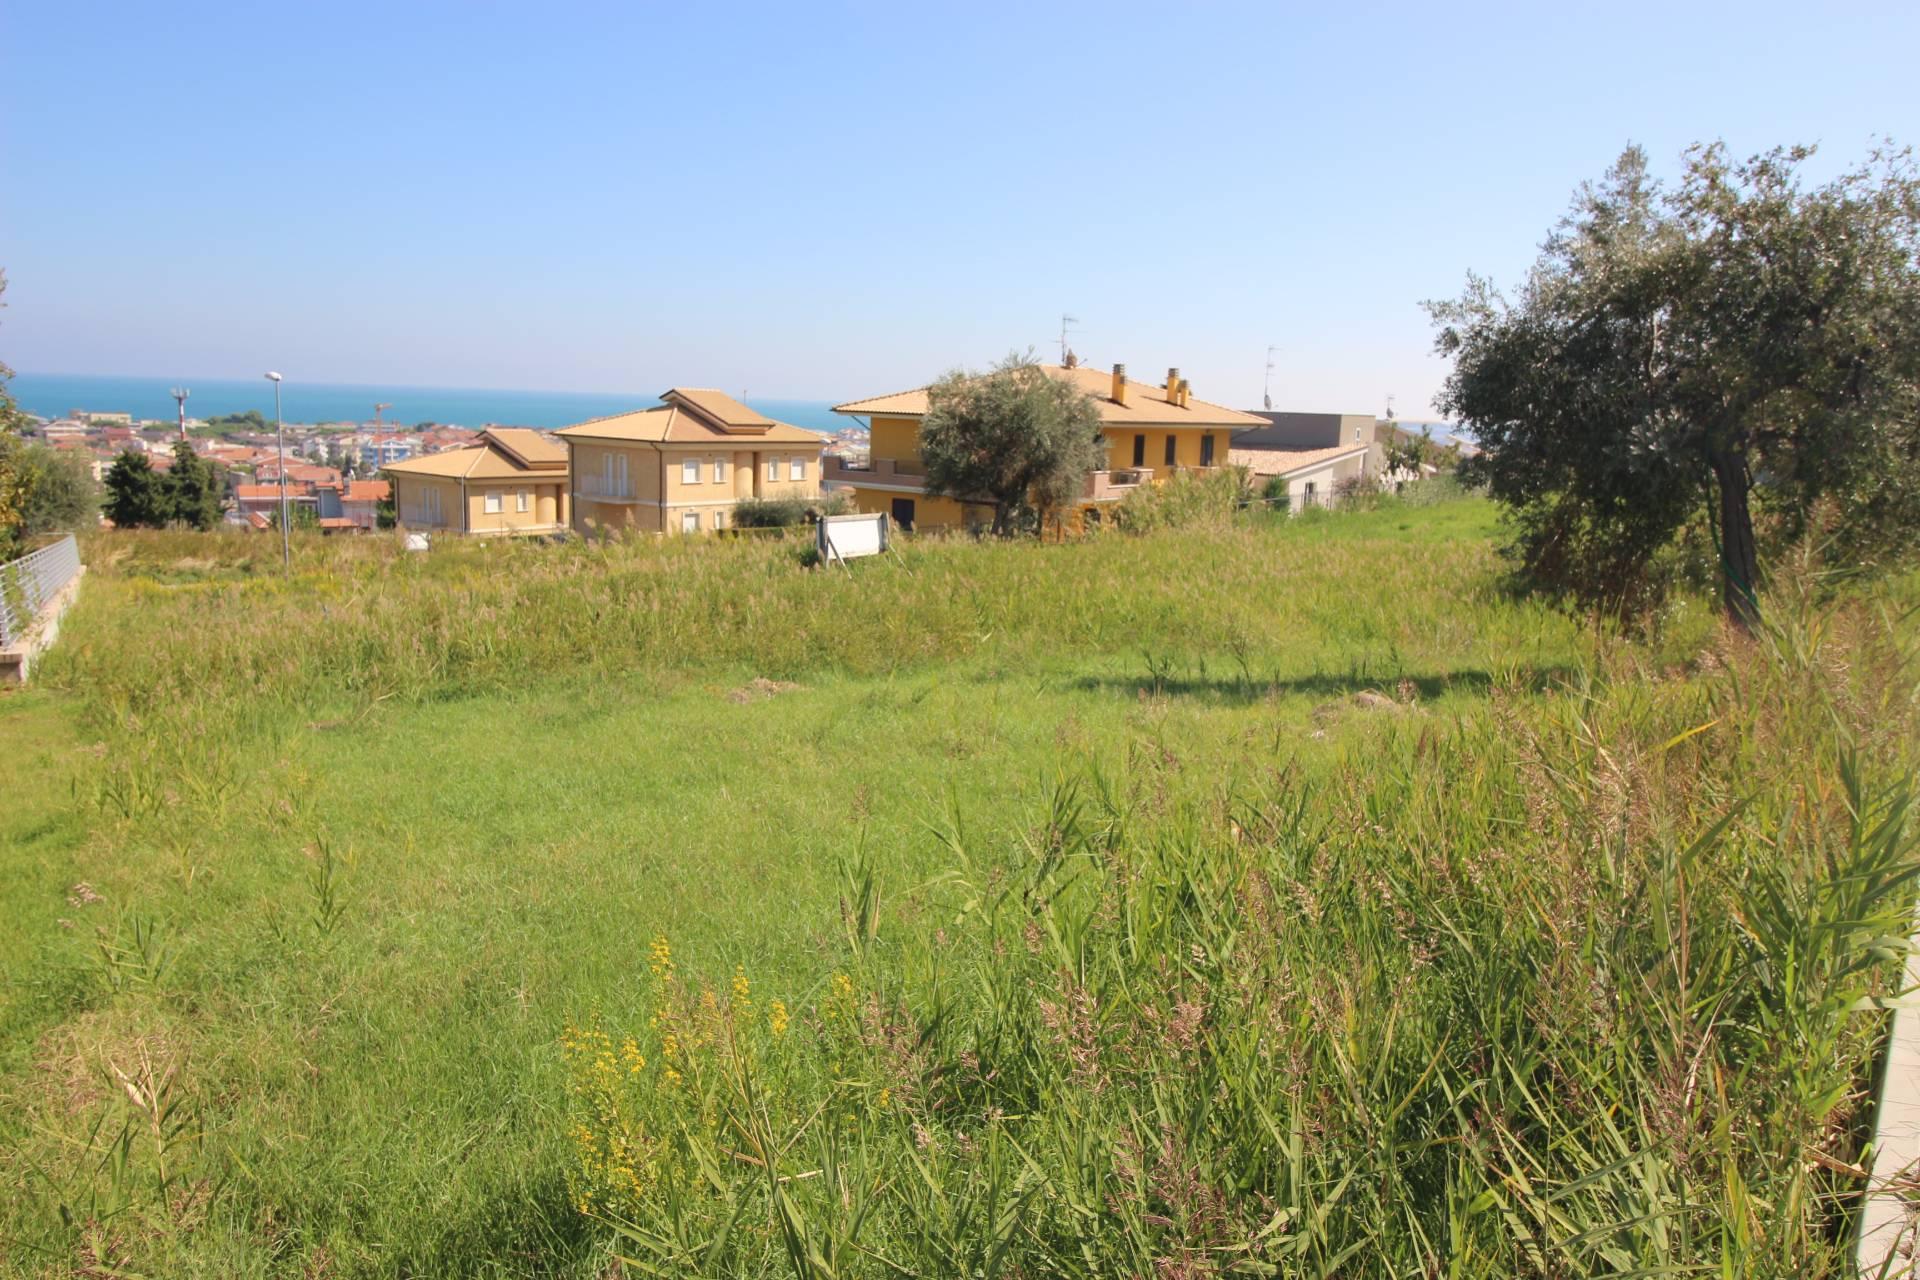 Terreno Edificabile Residenziale in vendita a Tortoreto, 9999 locali, zona Località: TortoretoAlta, prezzo € 110.000 | CambioCasa.it